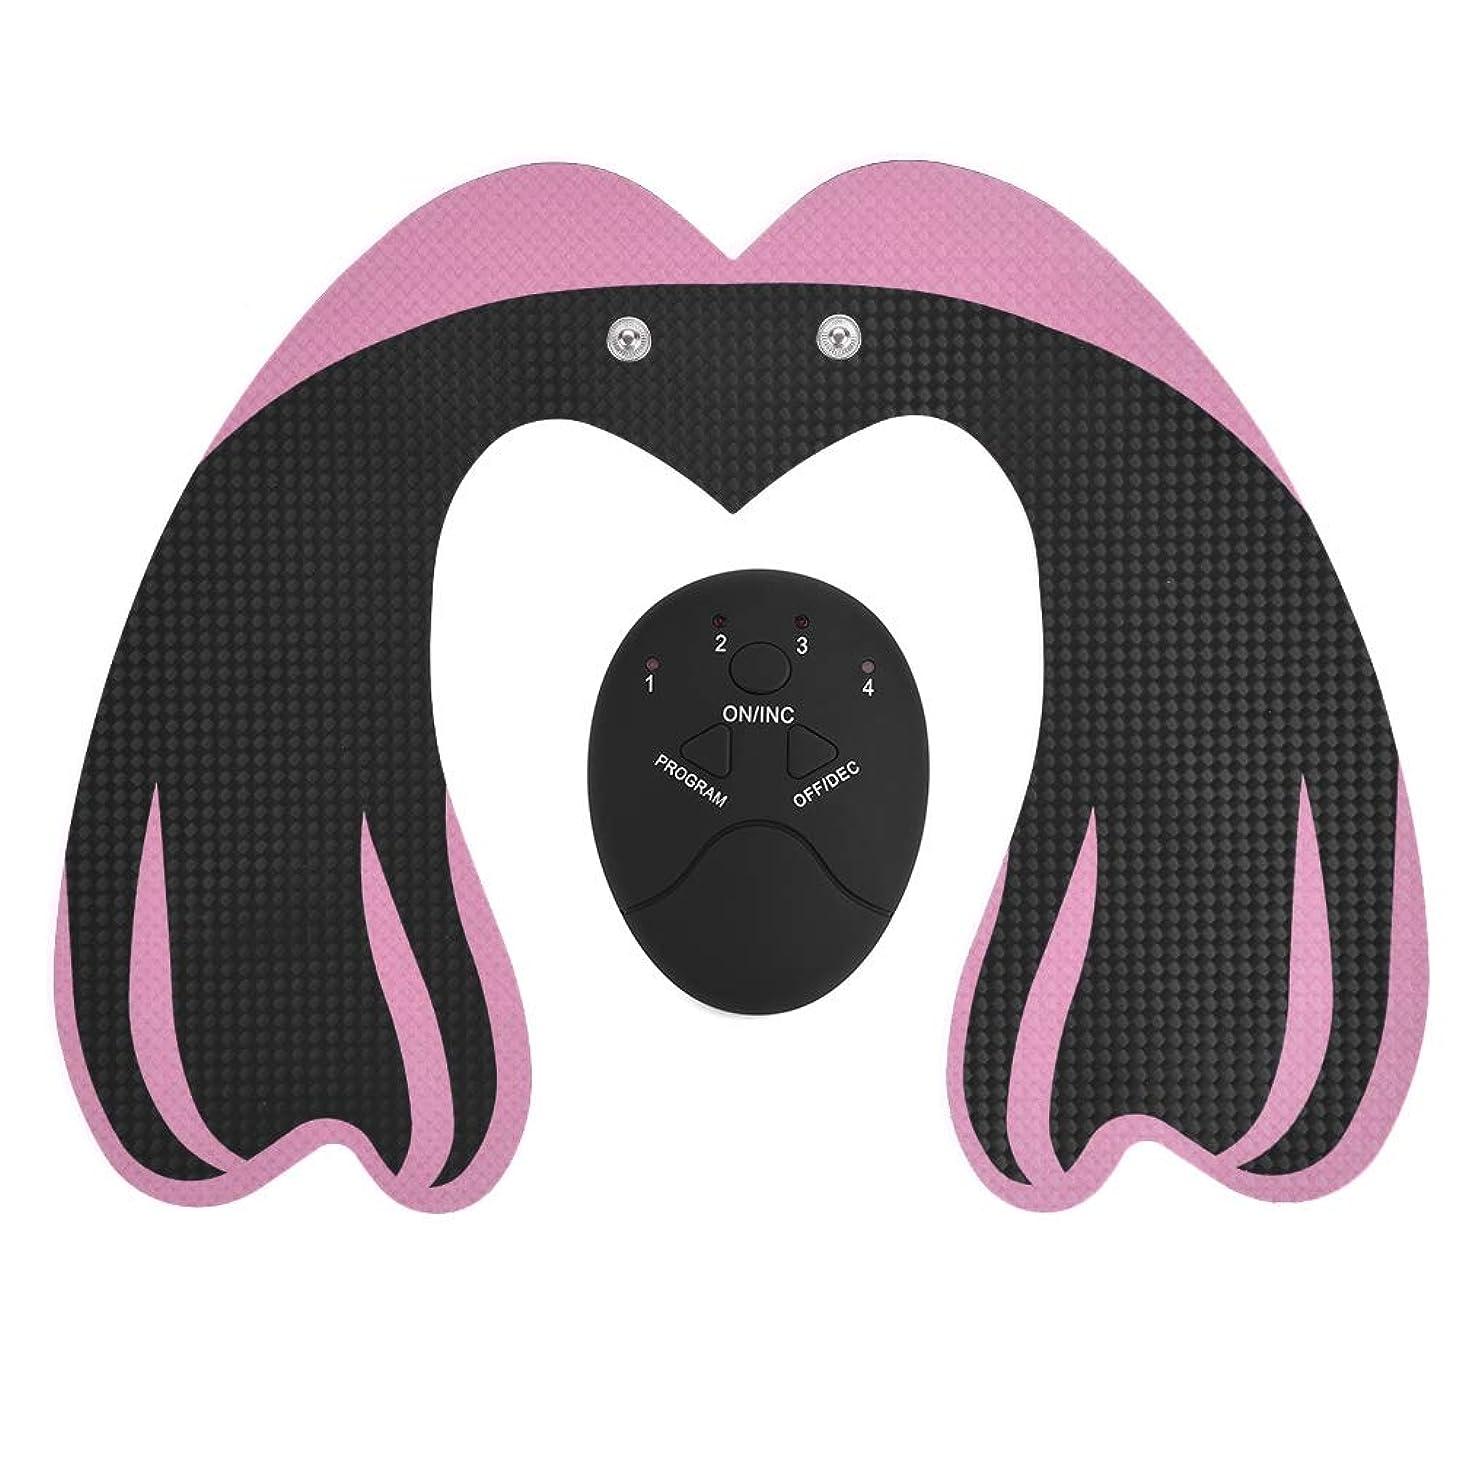 爬虫類立派な摂氏ヒップEMS筋肉刺激装置、バトックトレーナーリフトマッスルトナースマートウェアラブルワイヤレスリモコン痩身マシン用男性と女性ホームオフィスabワークアウト機器ボディシェイパー